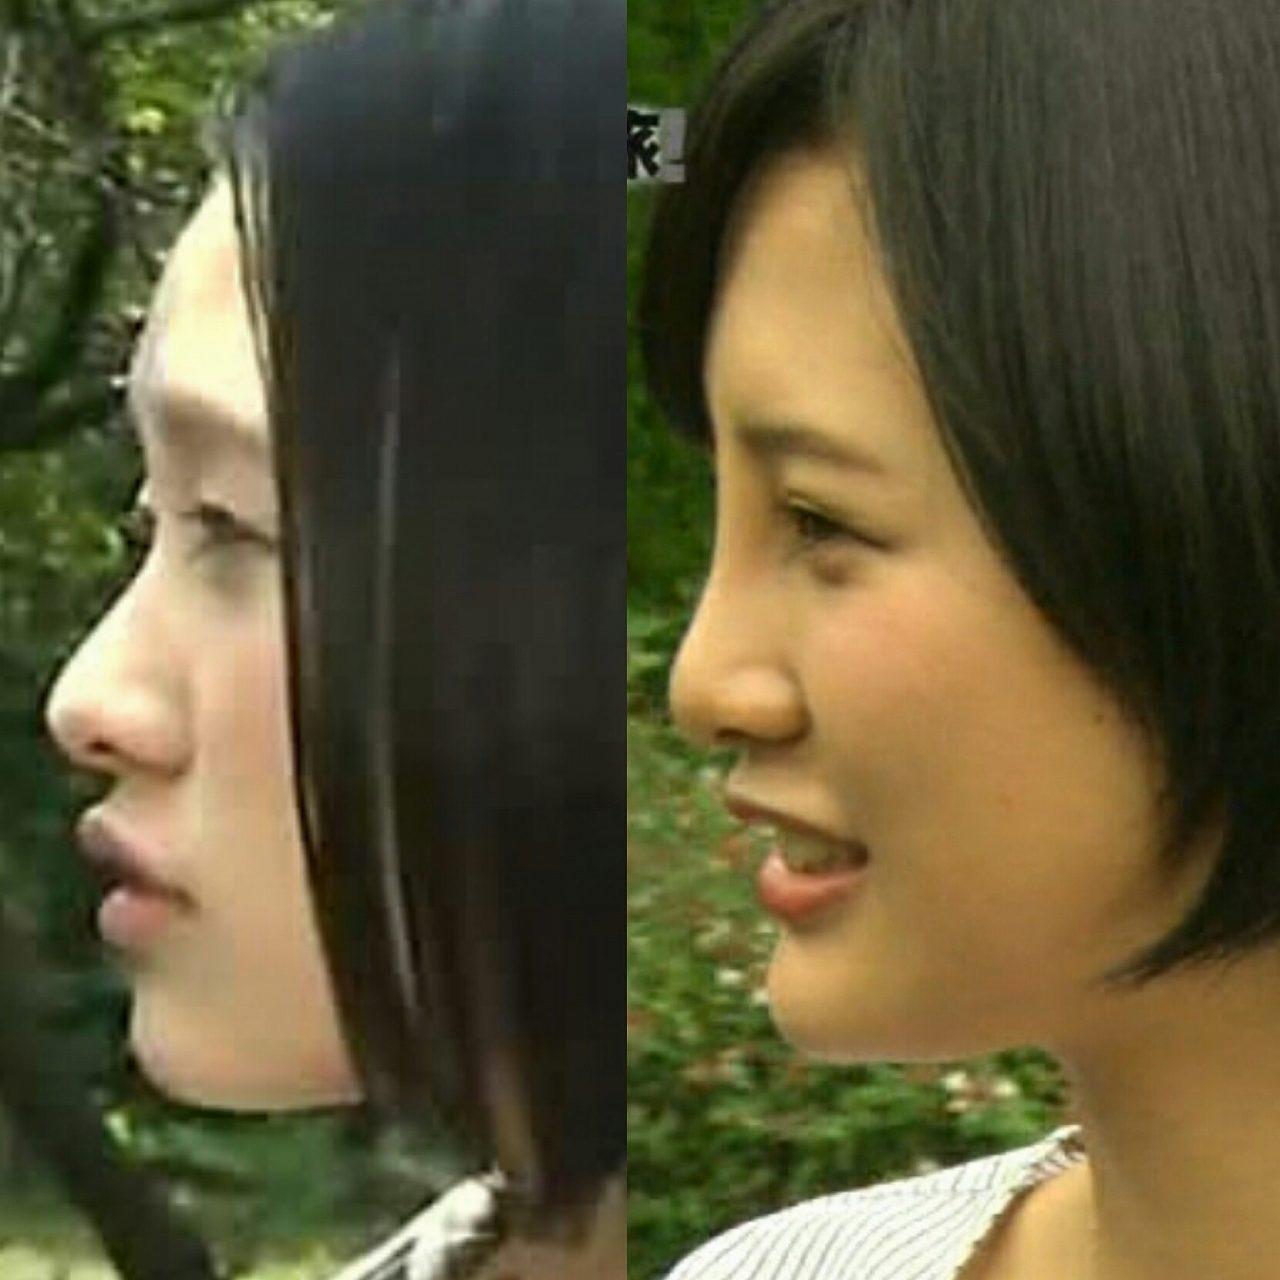 鼻プロテ整形前後の兒玉遥、比較画像